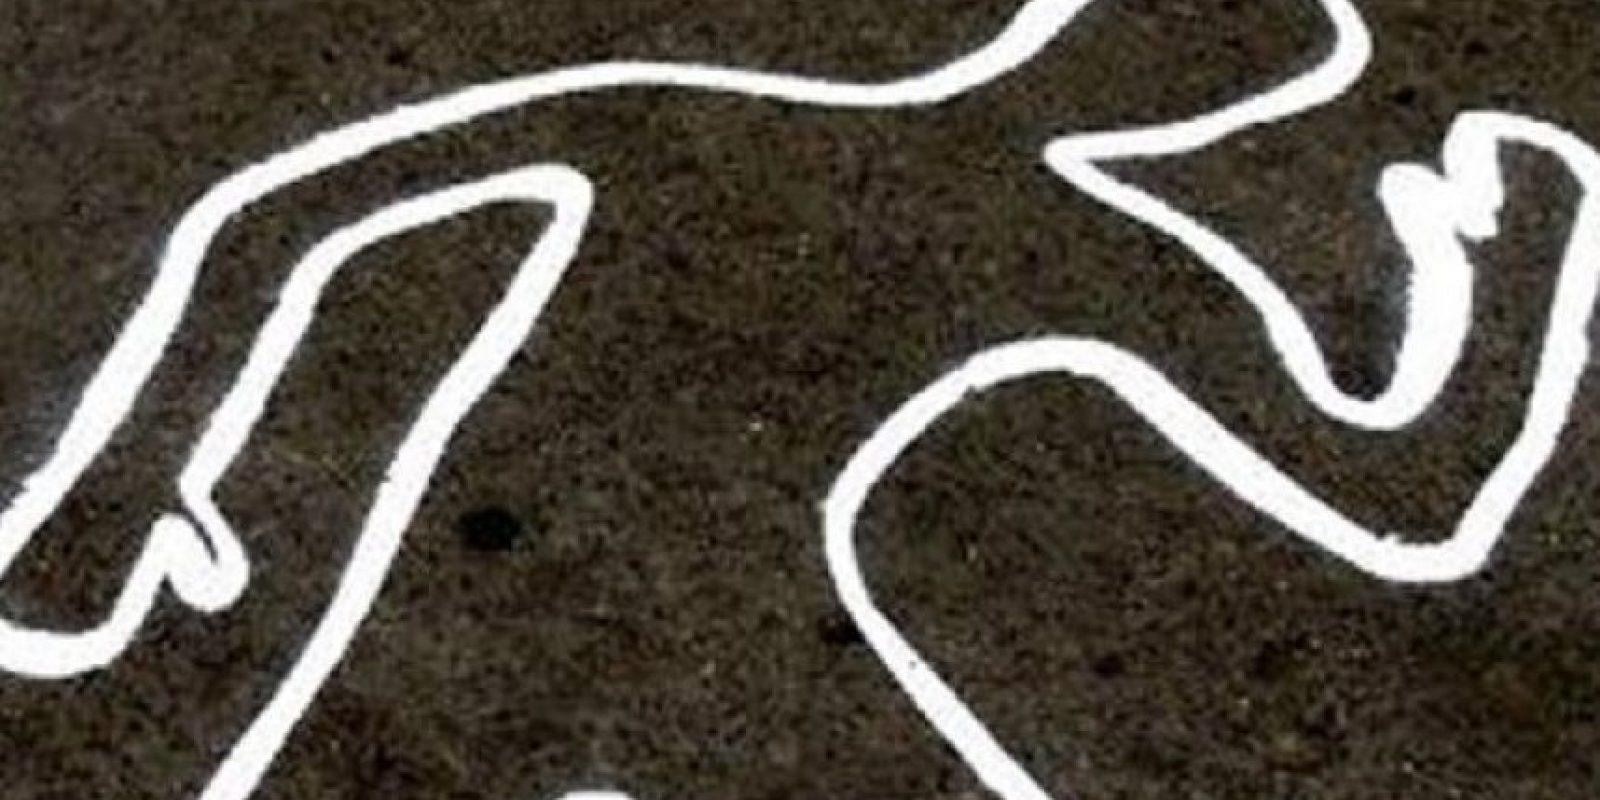 Según informes de las autoridades, la mujer mató a su madre porque quería cobrar su herencia. Foto:Wikimedia